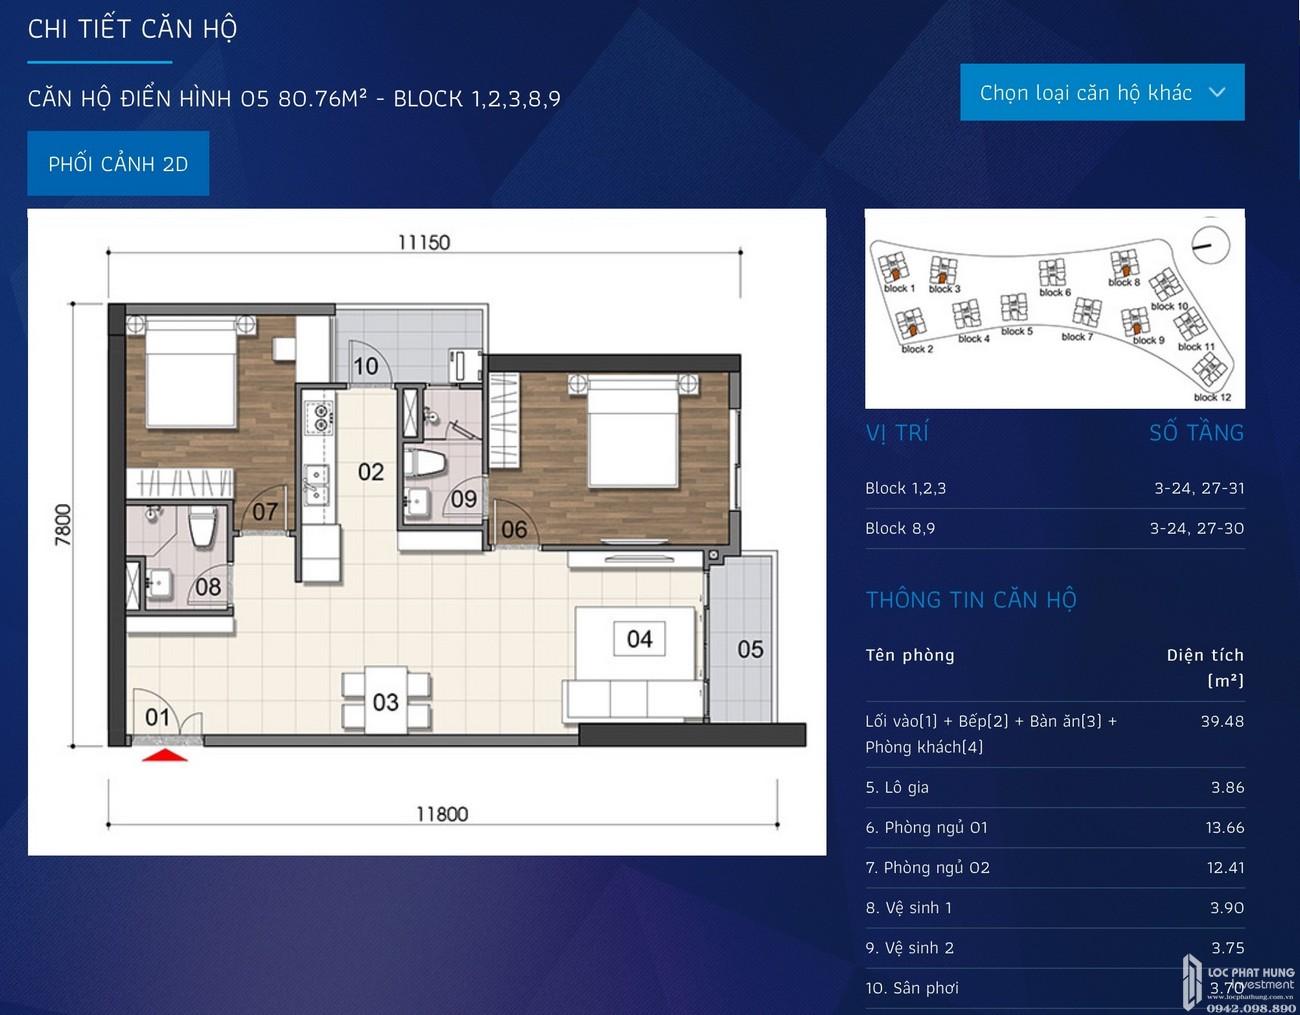 Thiết kế dự án căn hộ chung cư Opal Cityview Bình Dương chủ đầu tư Đất Xanh